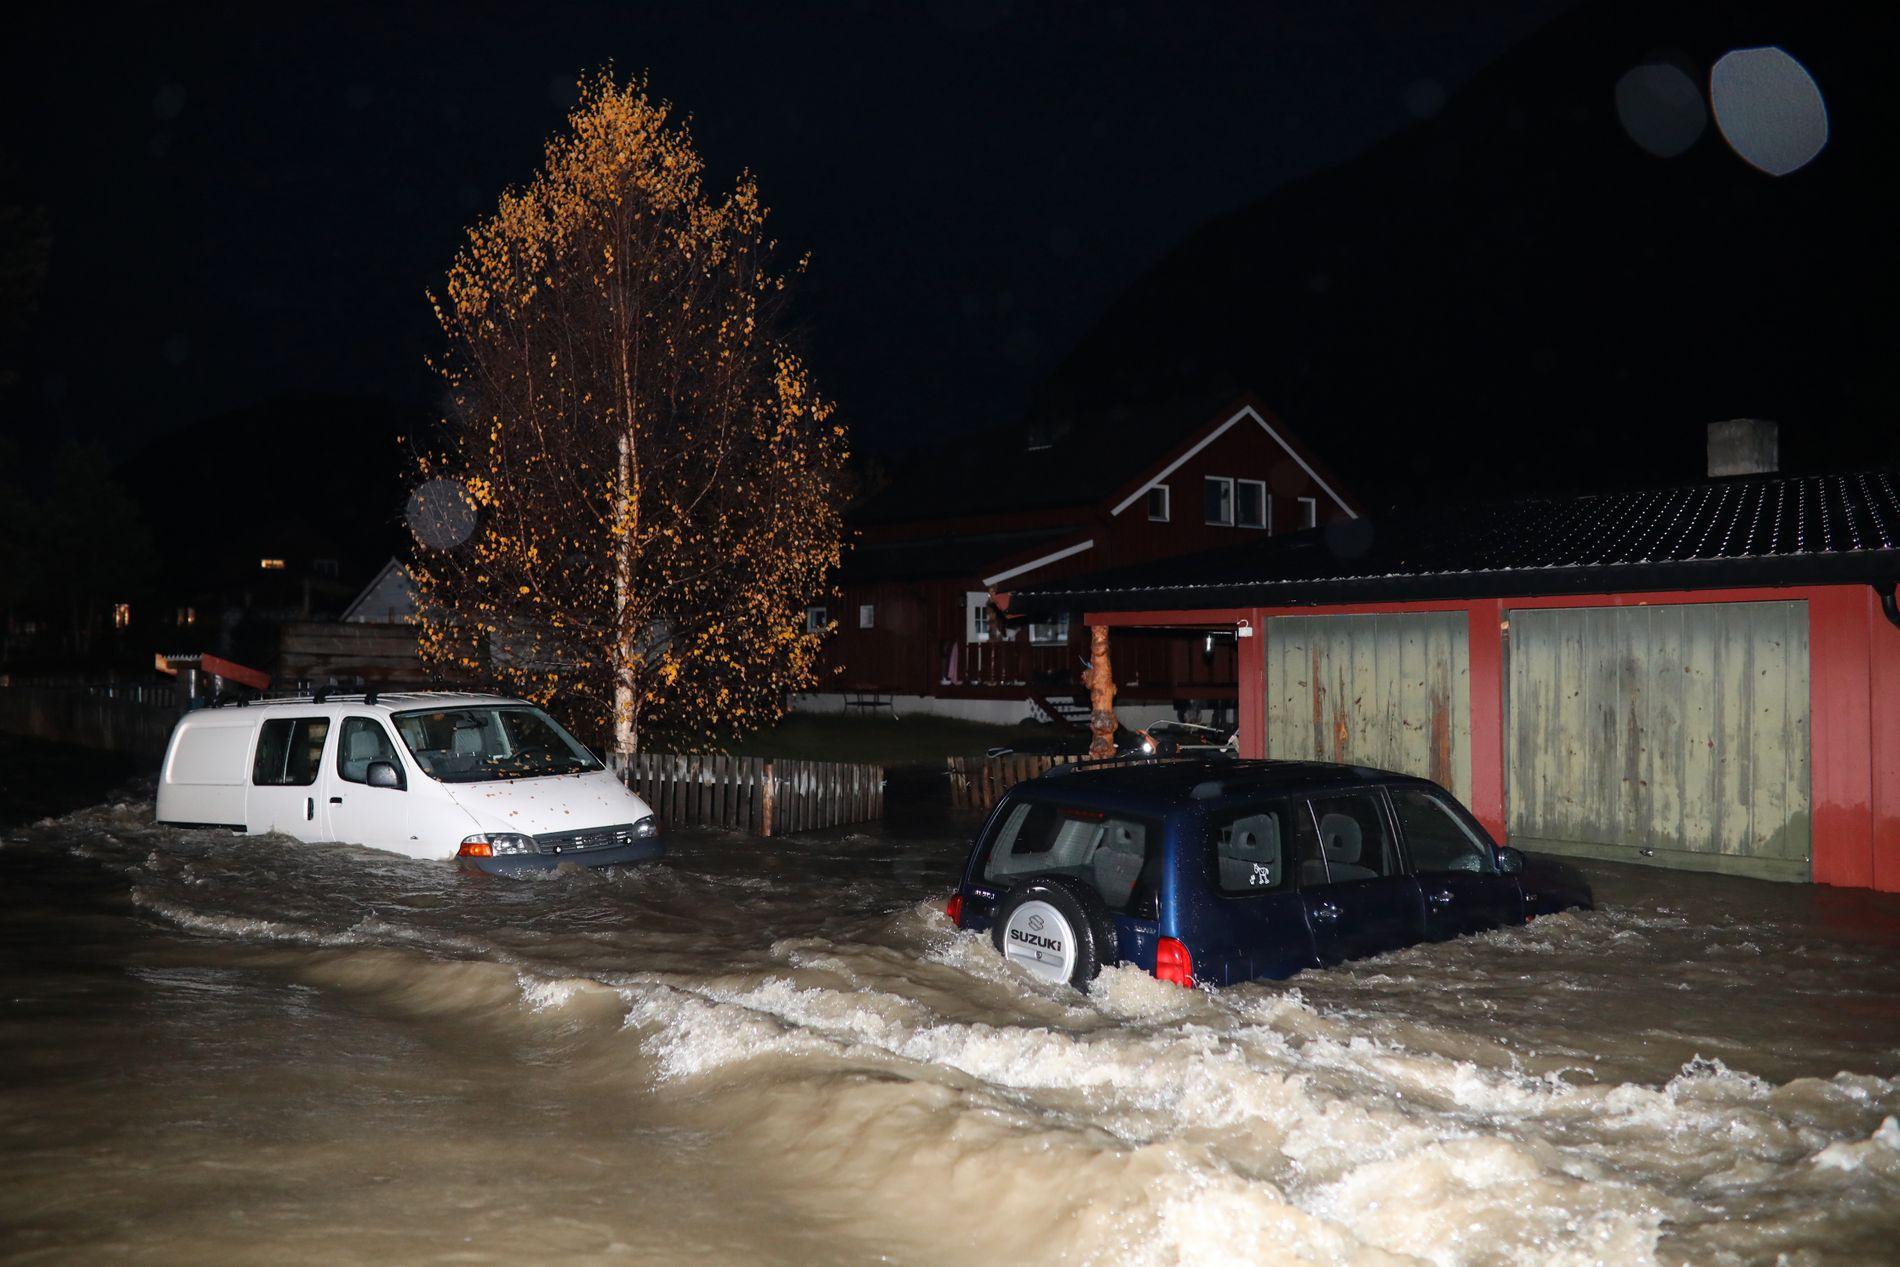 UMULIG MED BIL: Det var ikke mulig å bruke bil i Bismo søndag kveld.